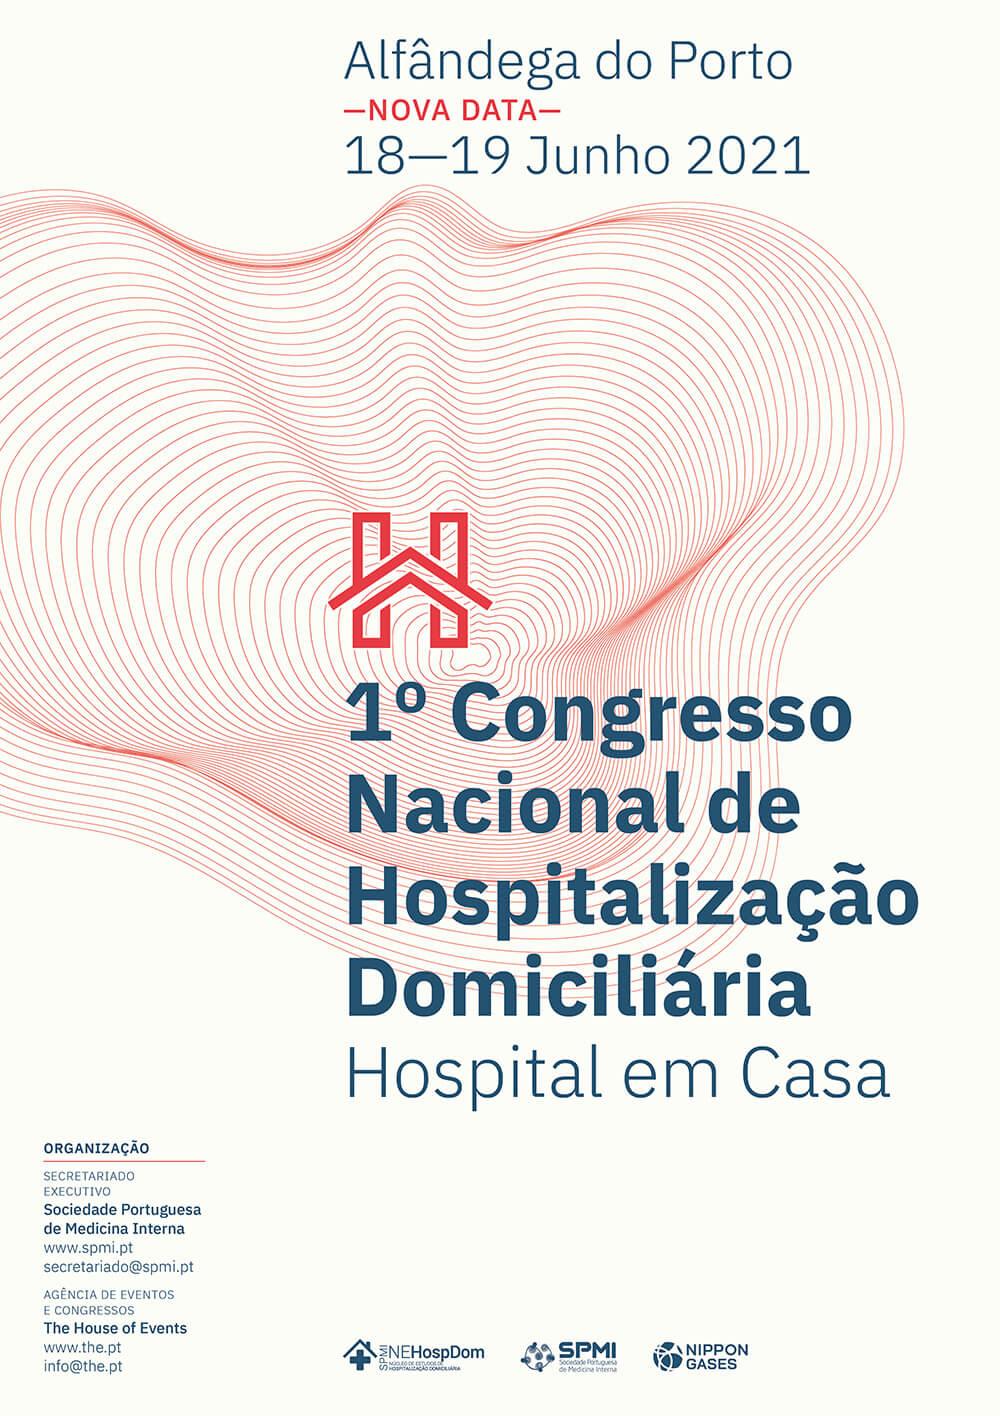 1º Congresso Nacional Hospitalização Domiciliaria